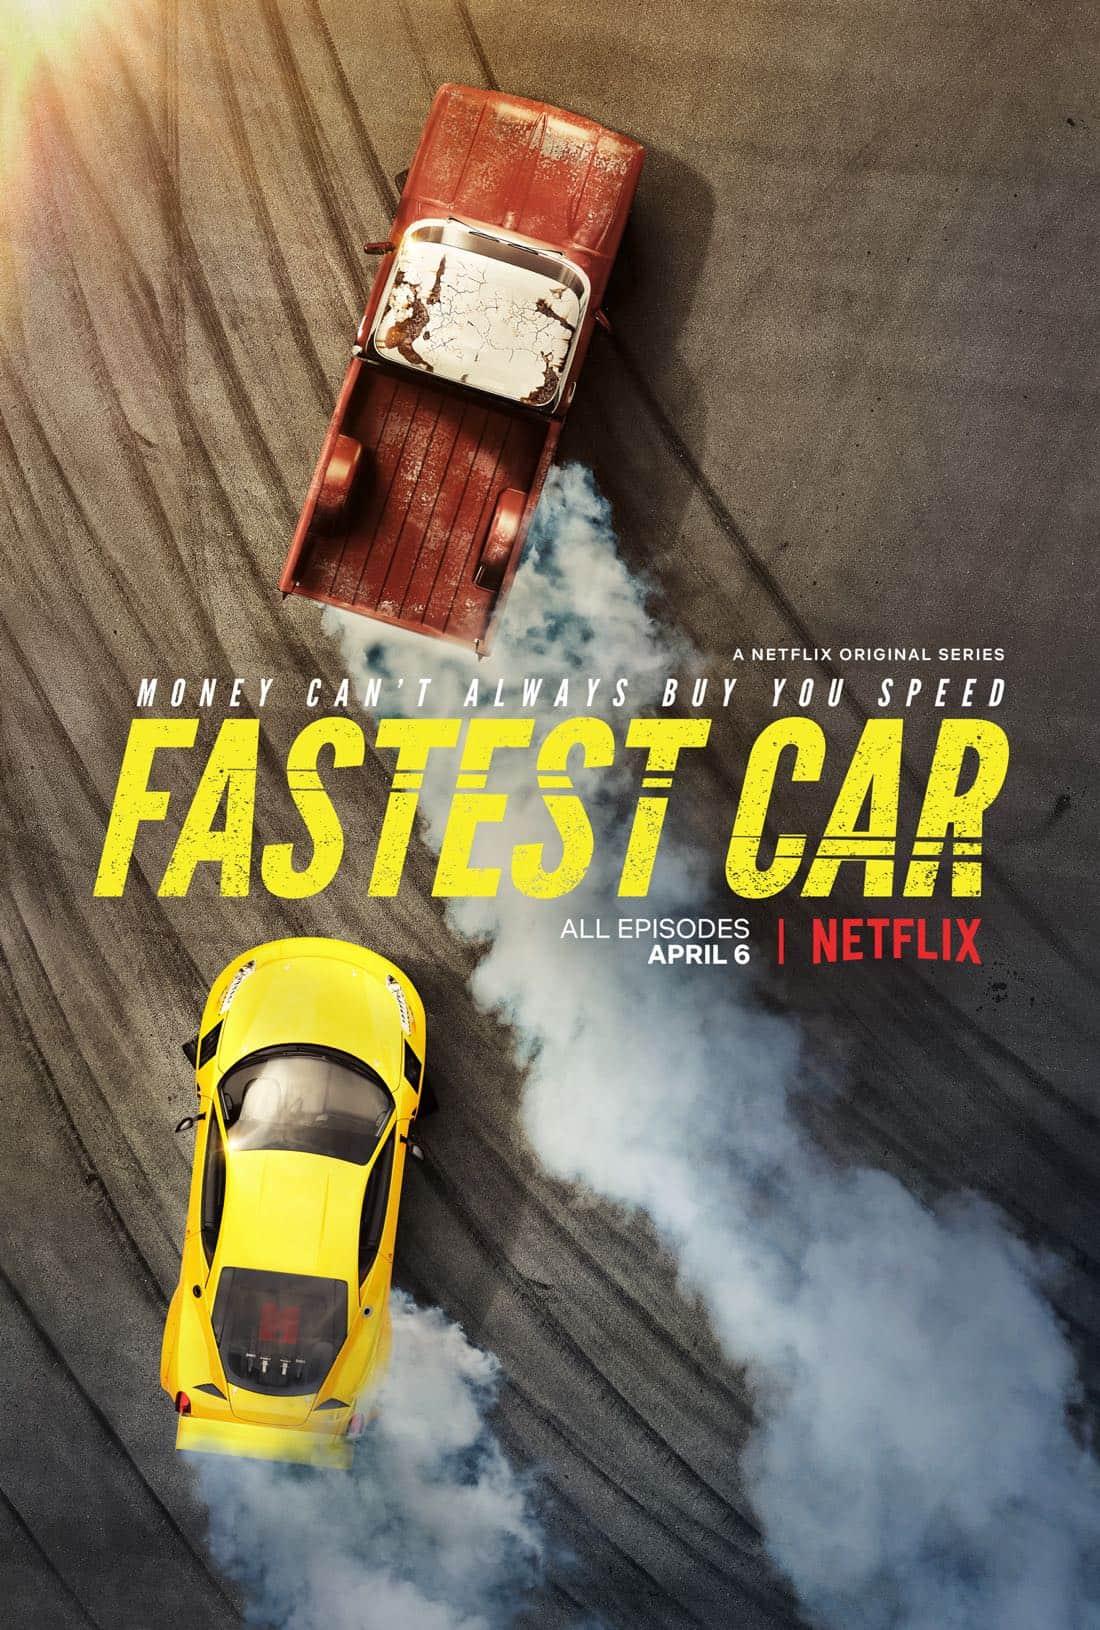 Fastest-Car-Netflix-Poster